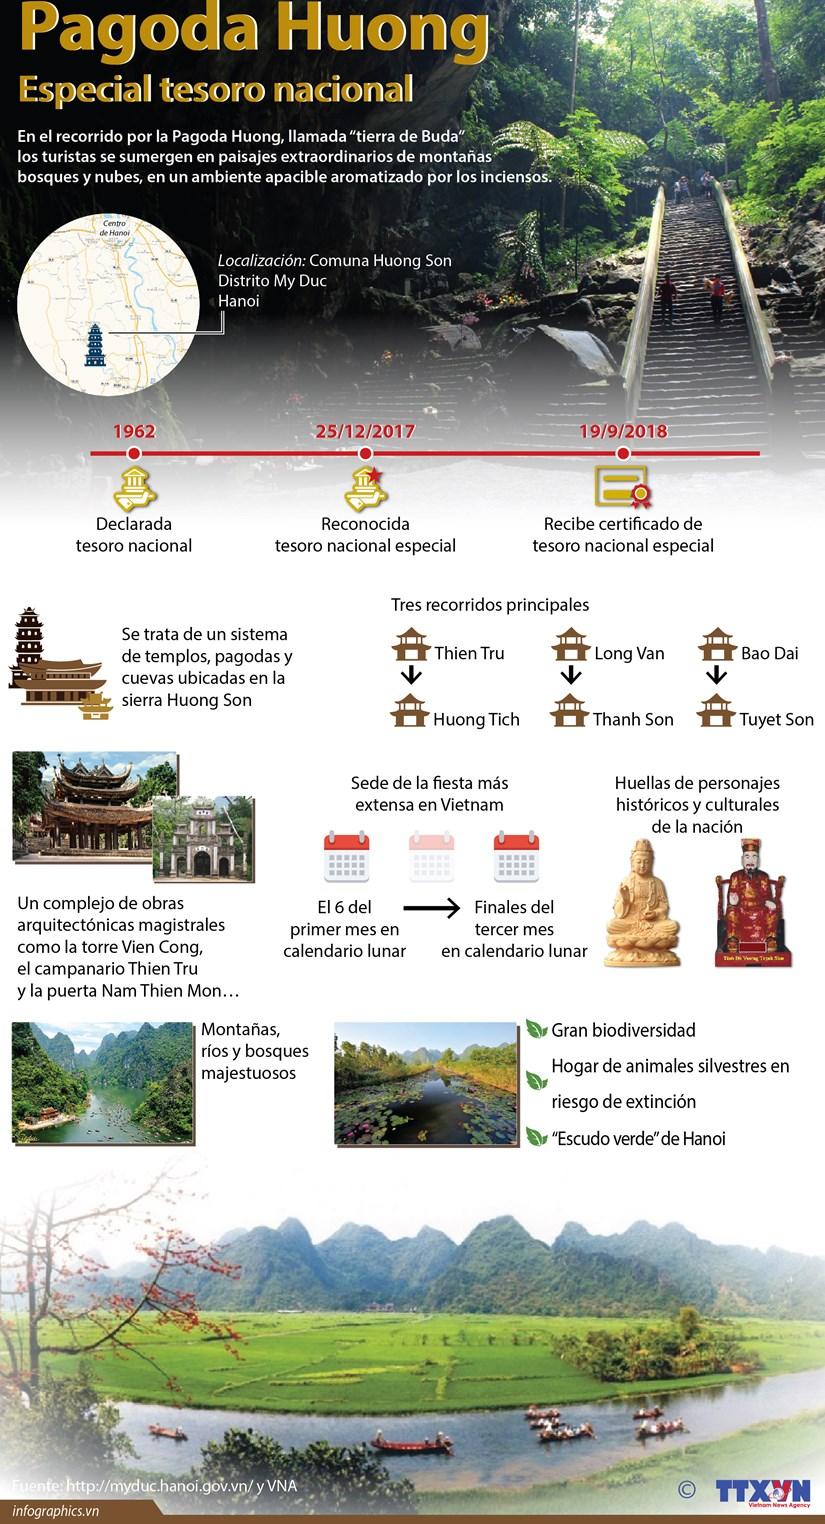 [Infografia] Pagoda Huong, especial tesoro nacional de Vietnam hinh anh 1